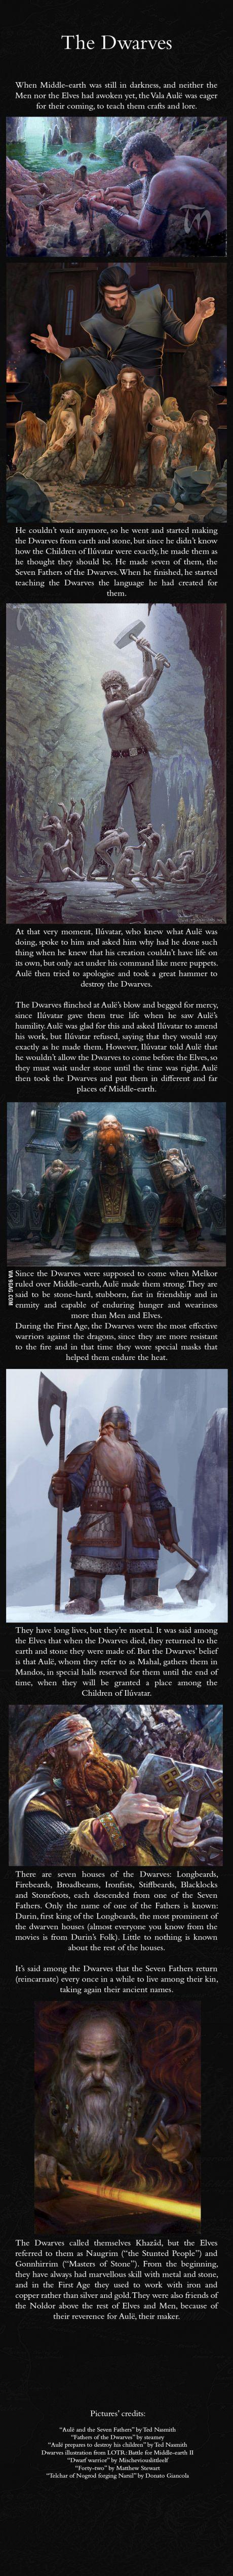 Dwarves - J.R.R. Tolkien's Mythology